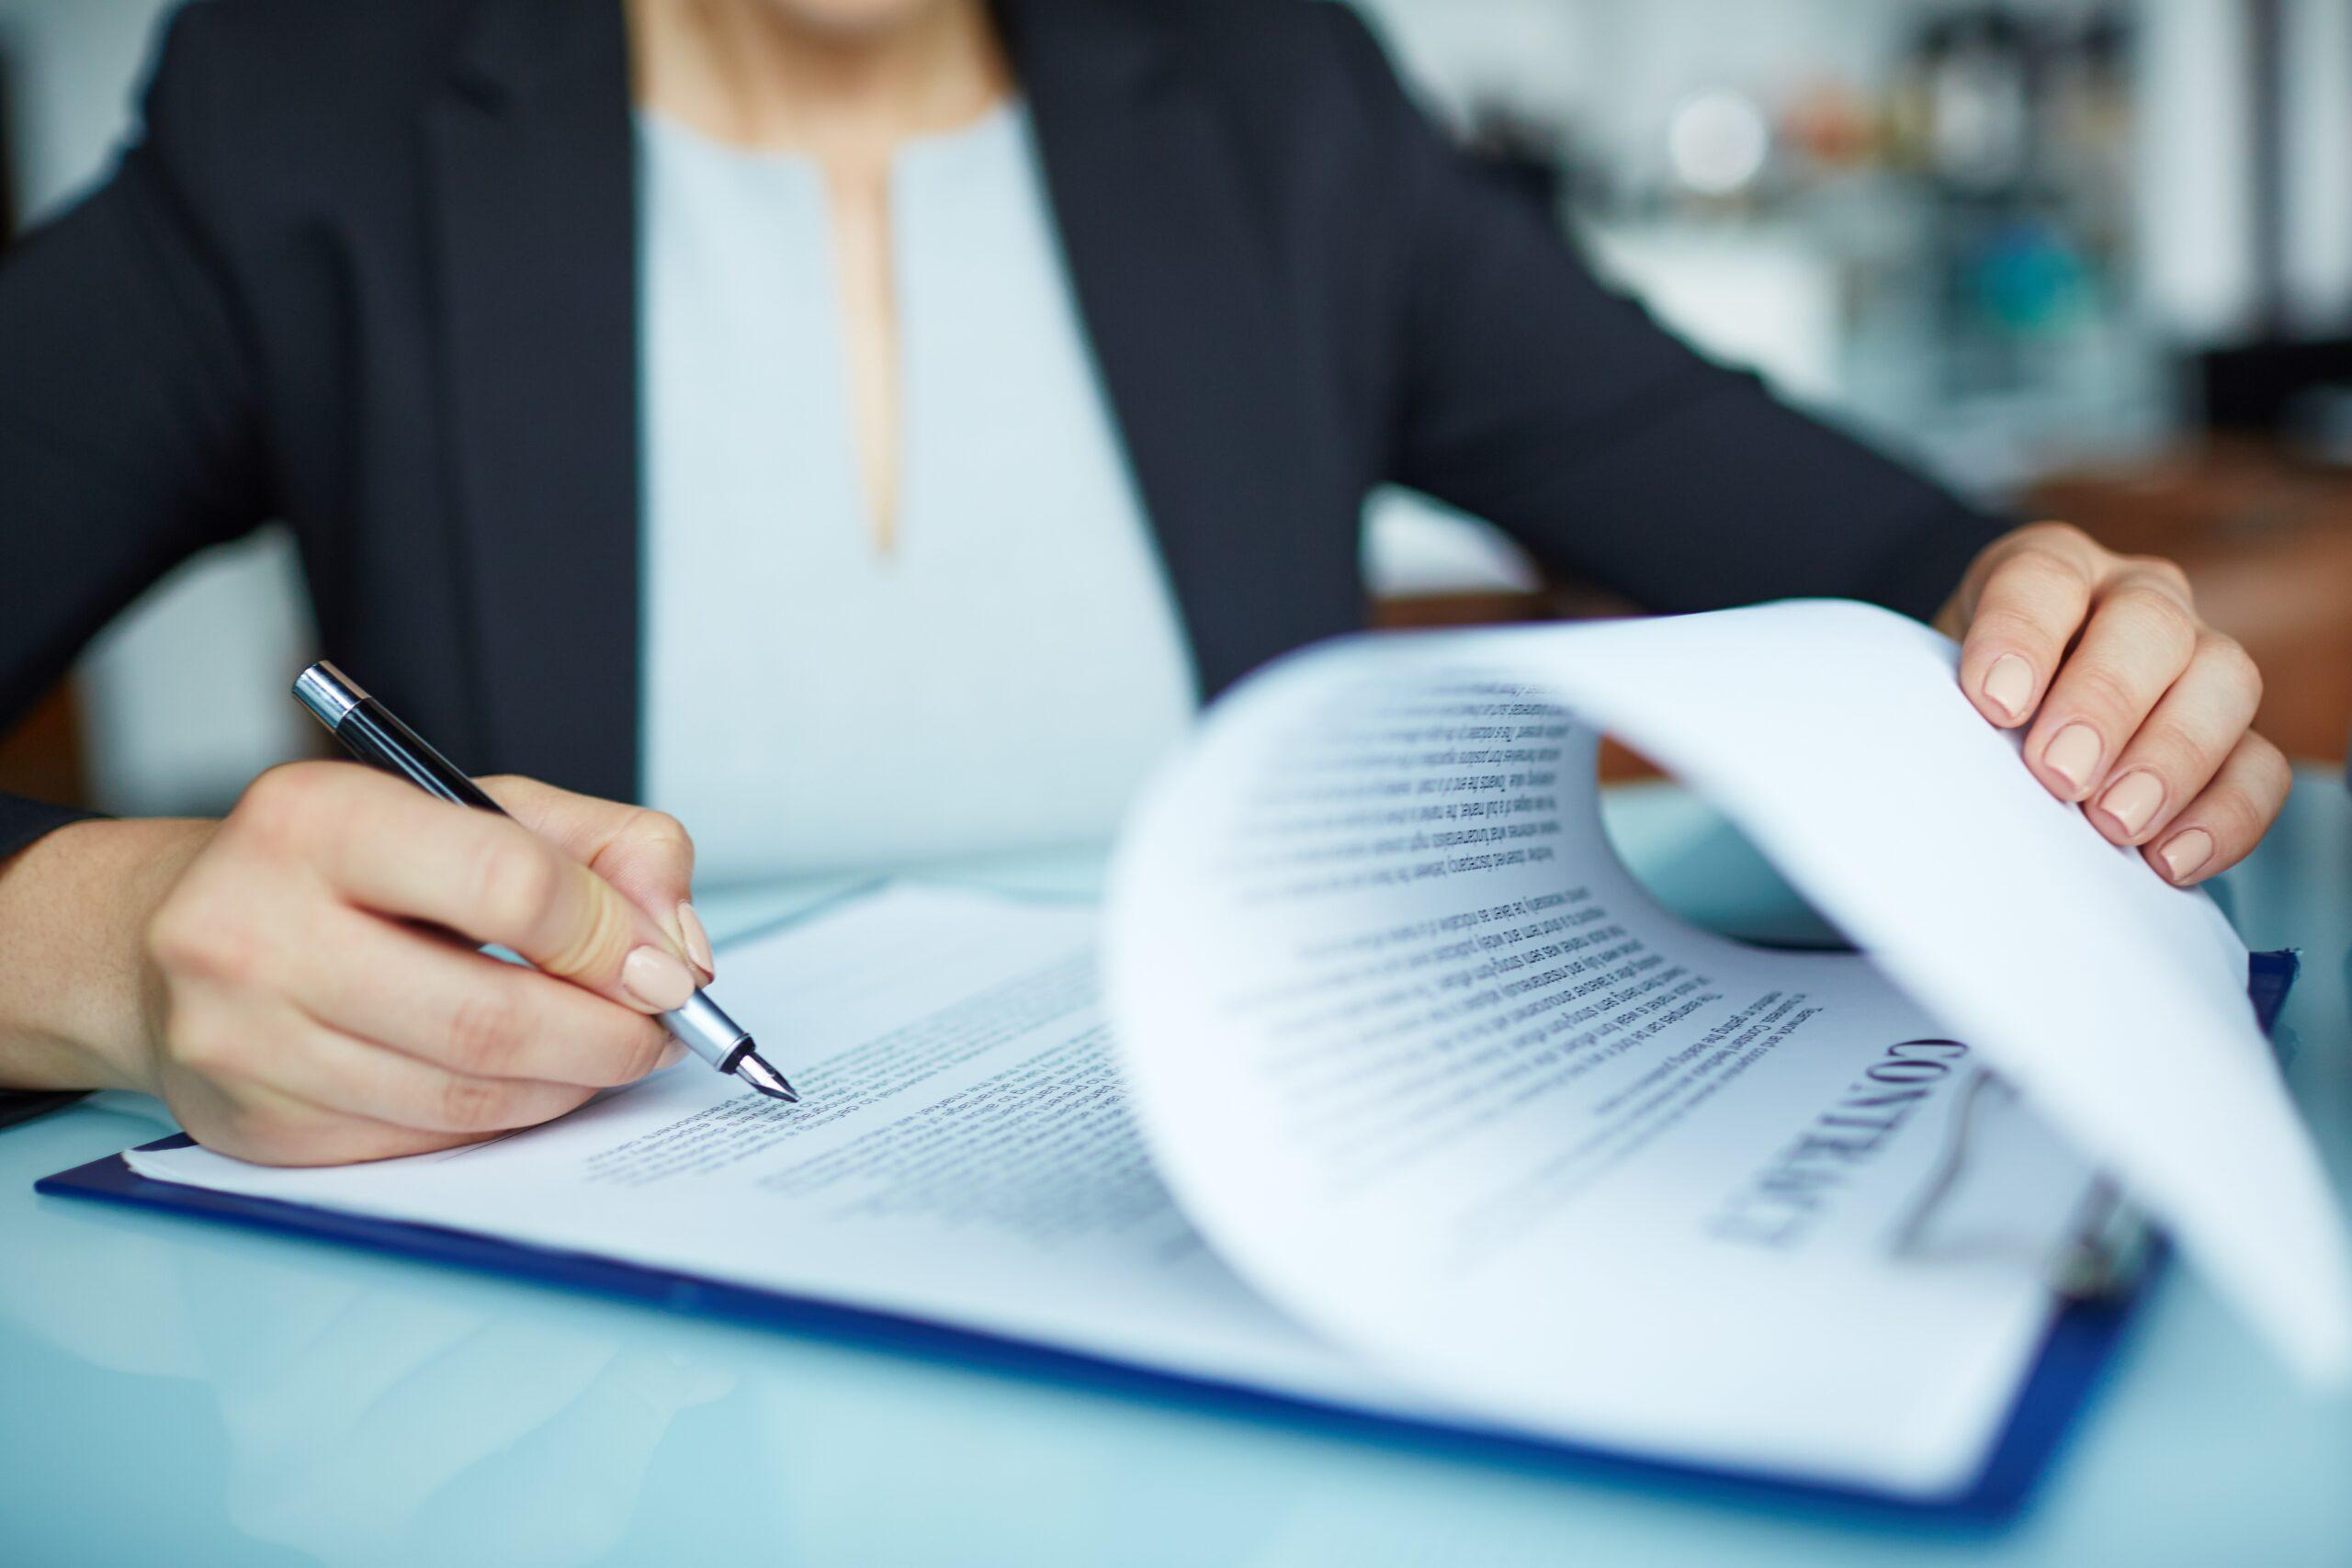 Conheça os principais documentos para importação e evite erros na operação da sua empresa